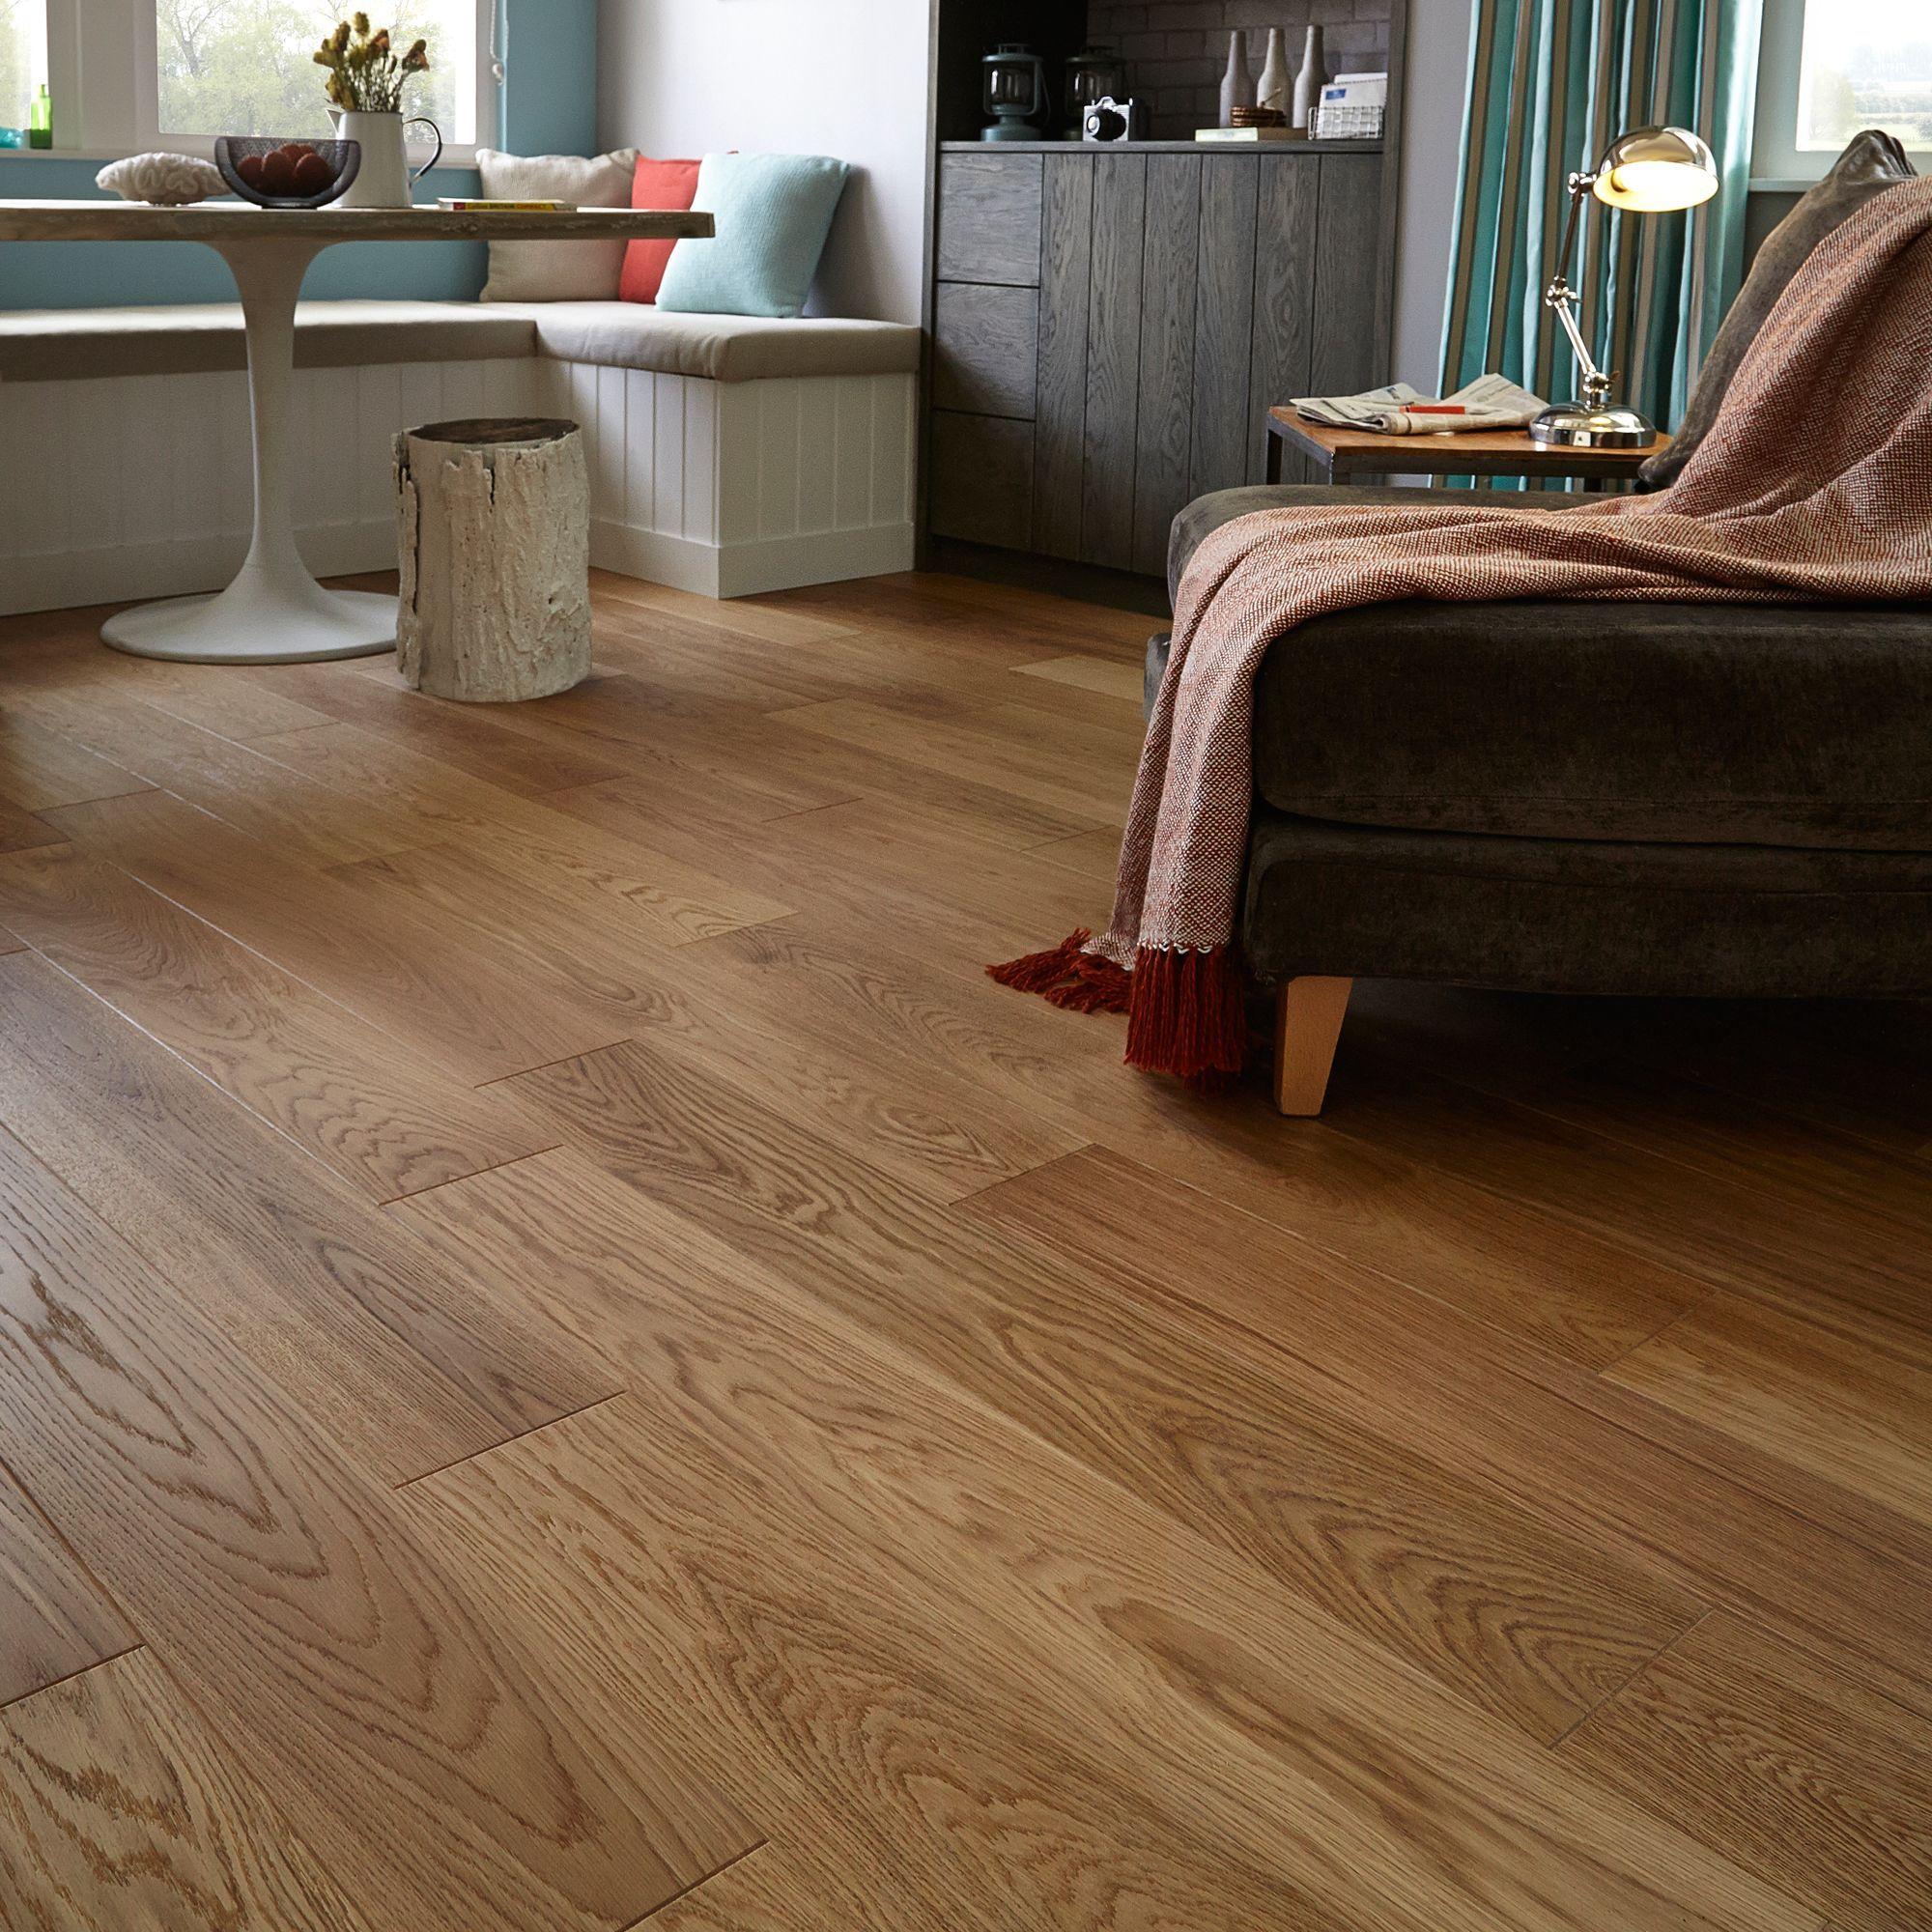 B Q Wood Floor: Quick-Step Cadenza Natural Oak Real Wood Top Layer